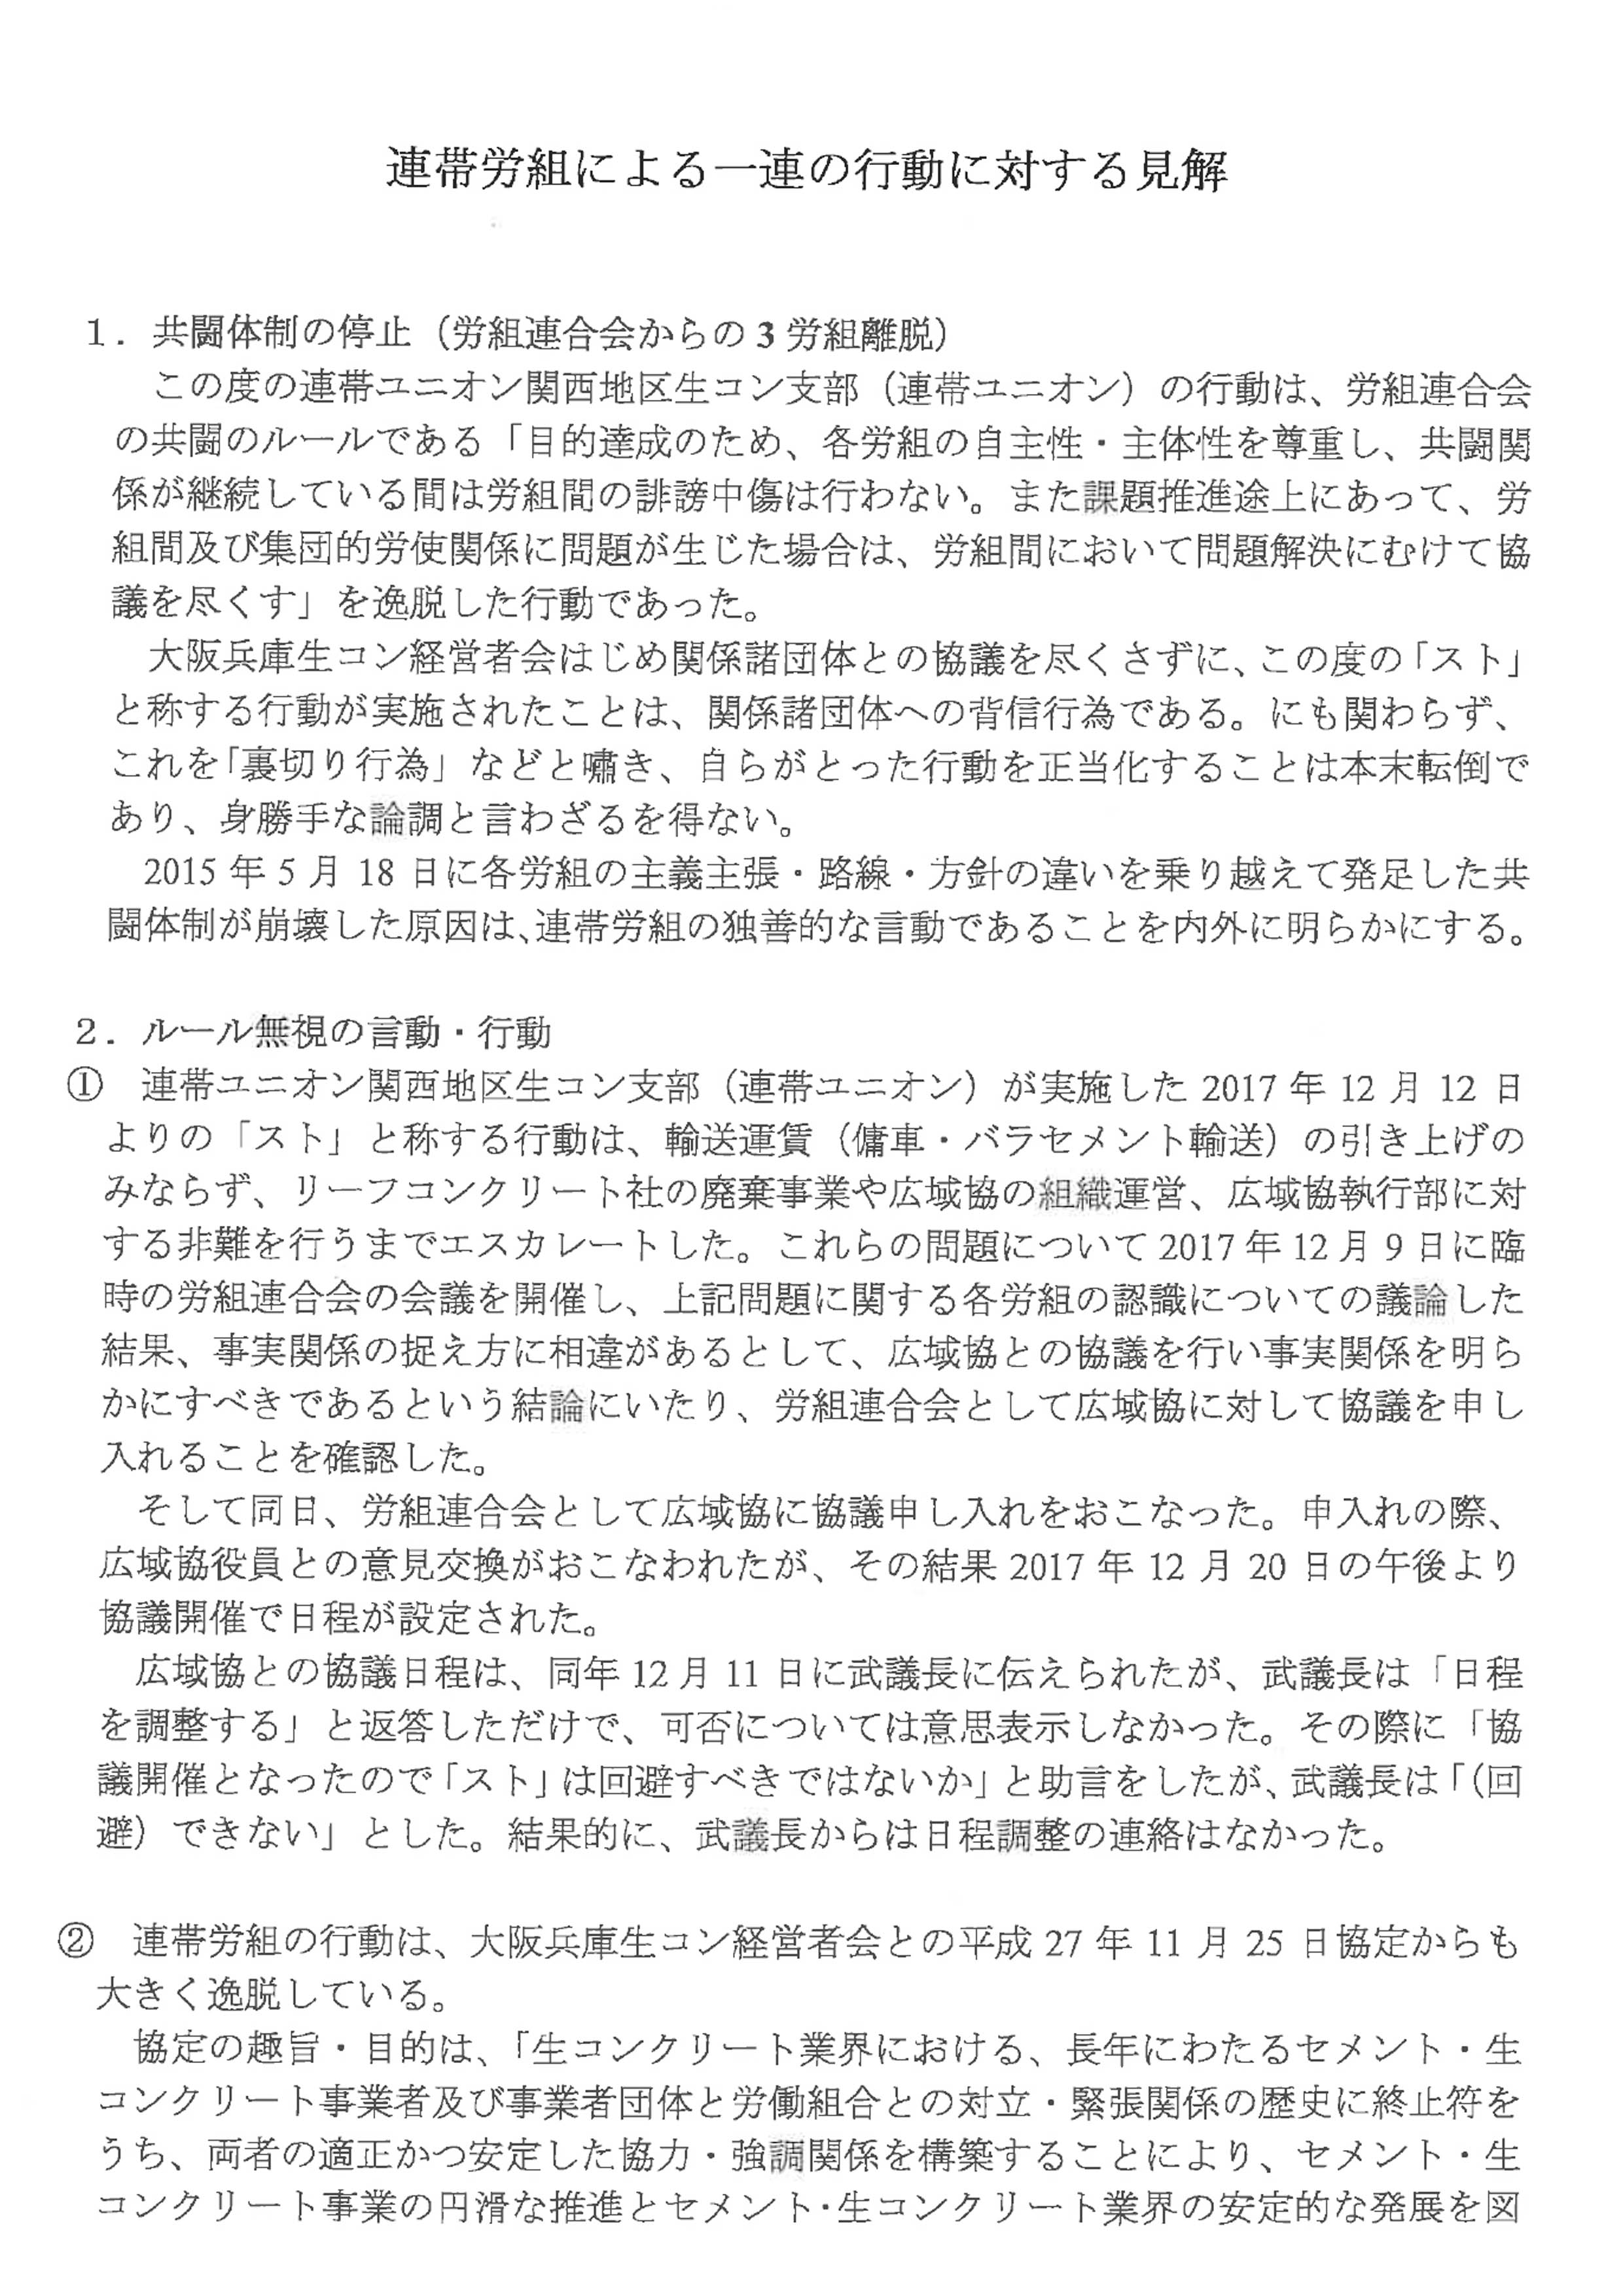 3労組からの見解書 - 大阪広域生コンクリート協同組合